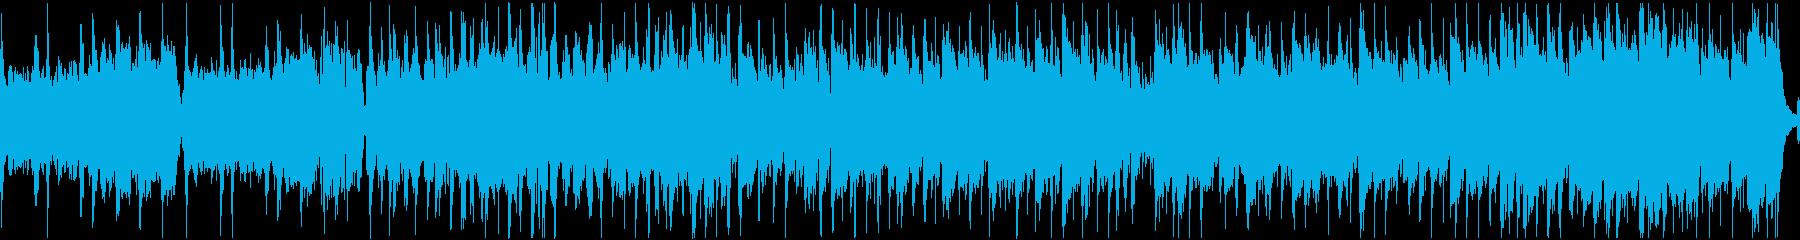 にぎやかなケルト曲(ループ)の再生済みの波形